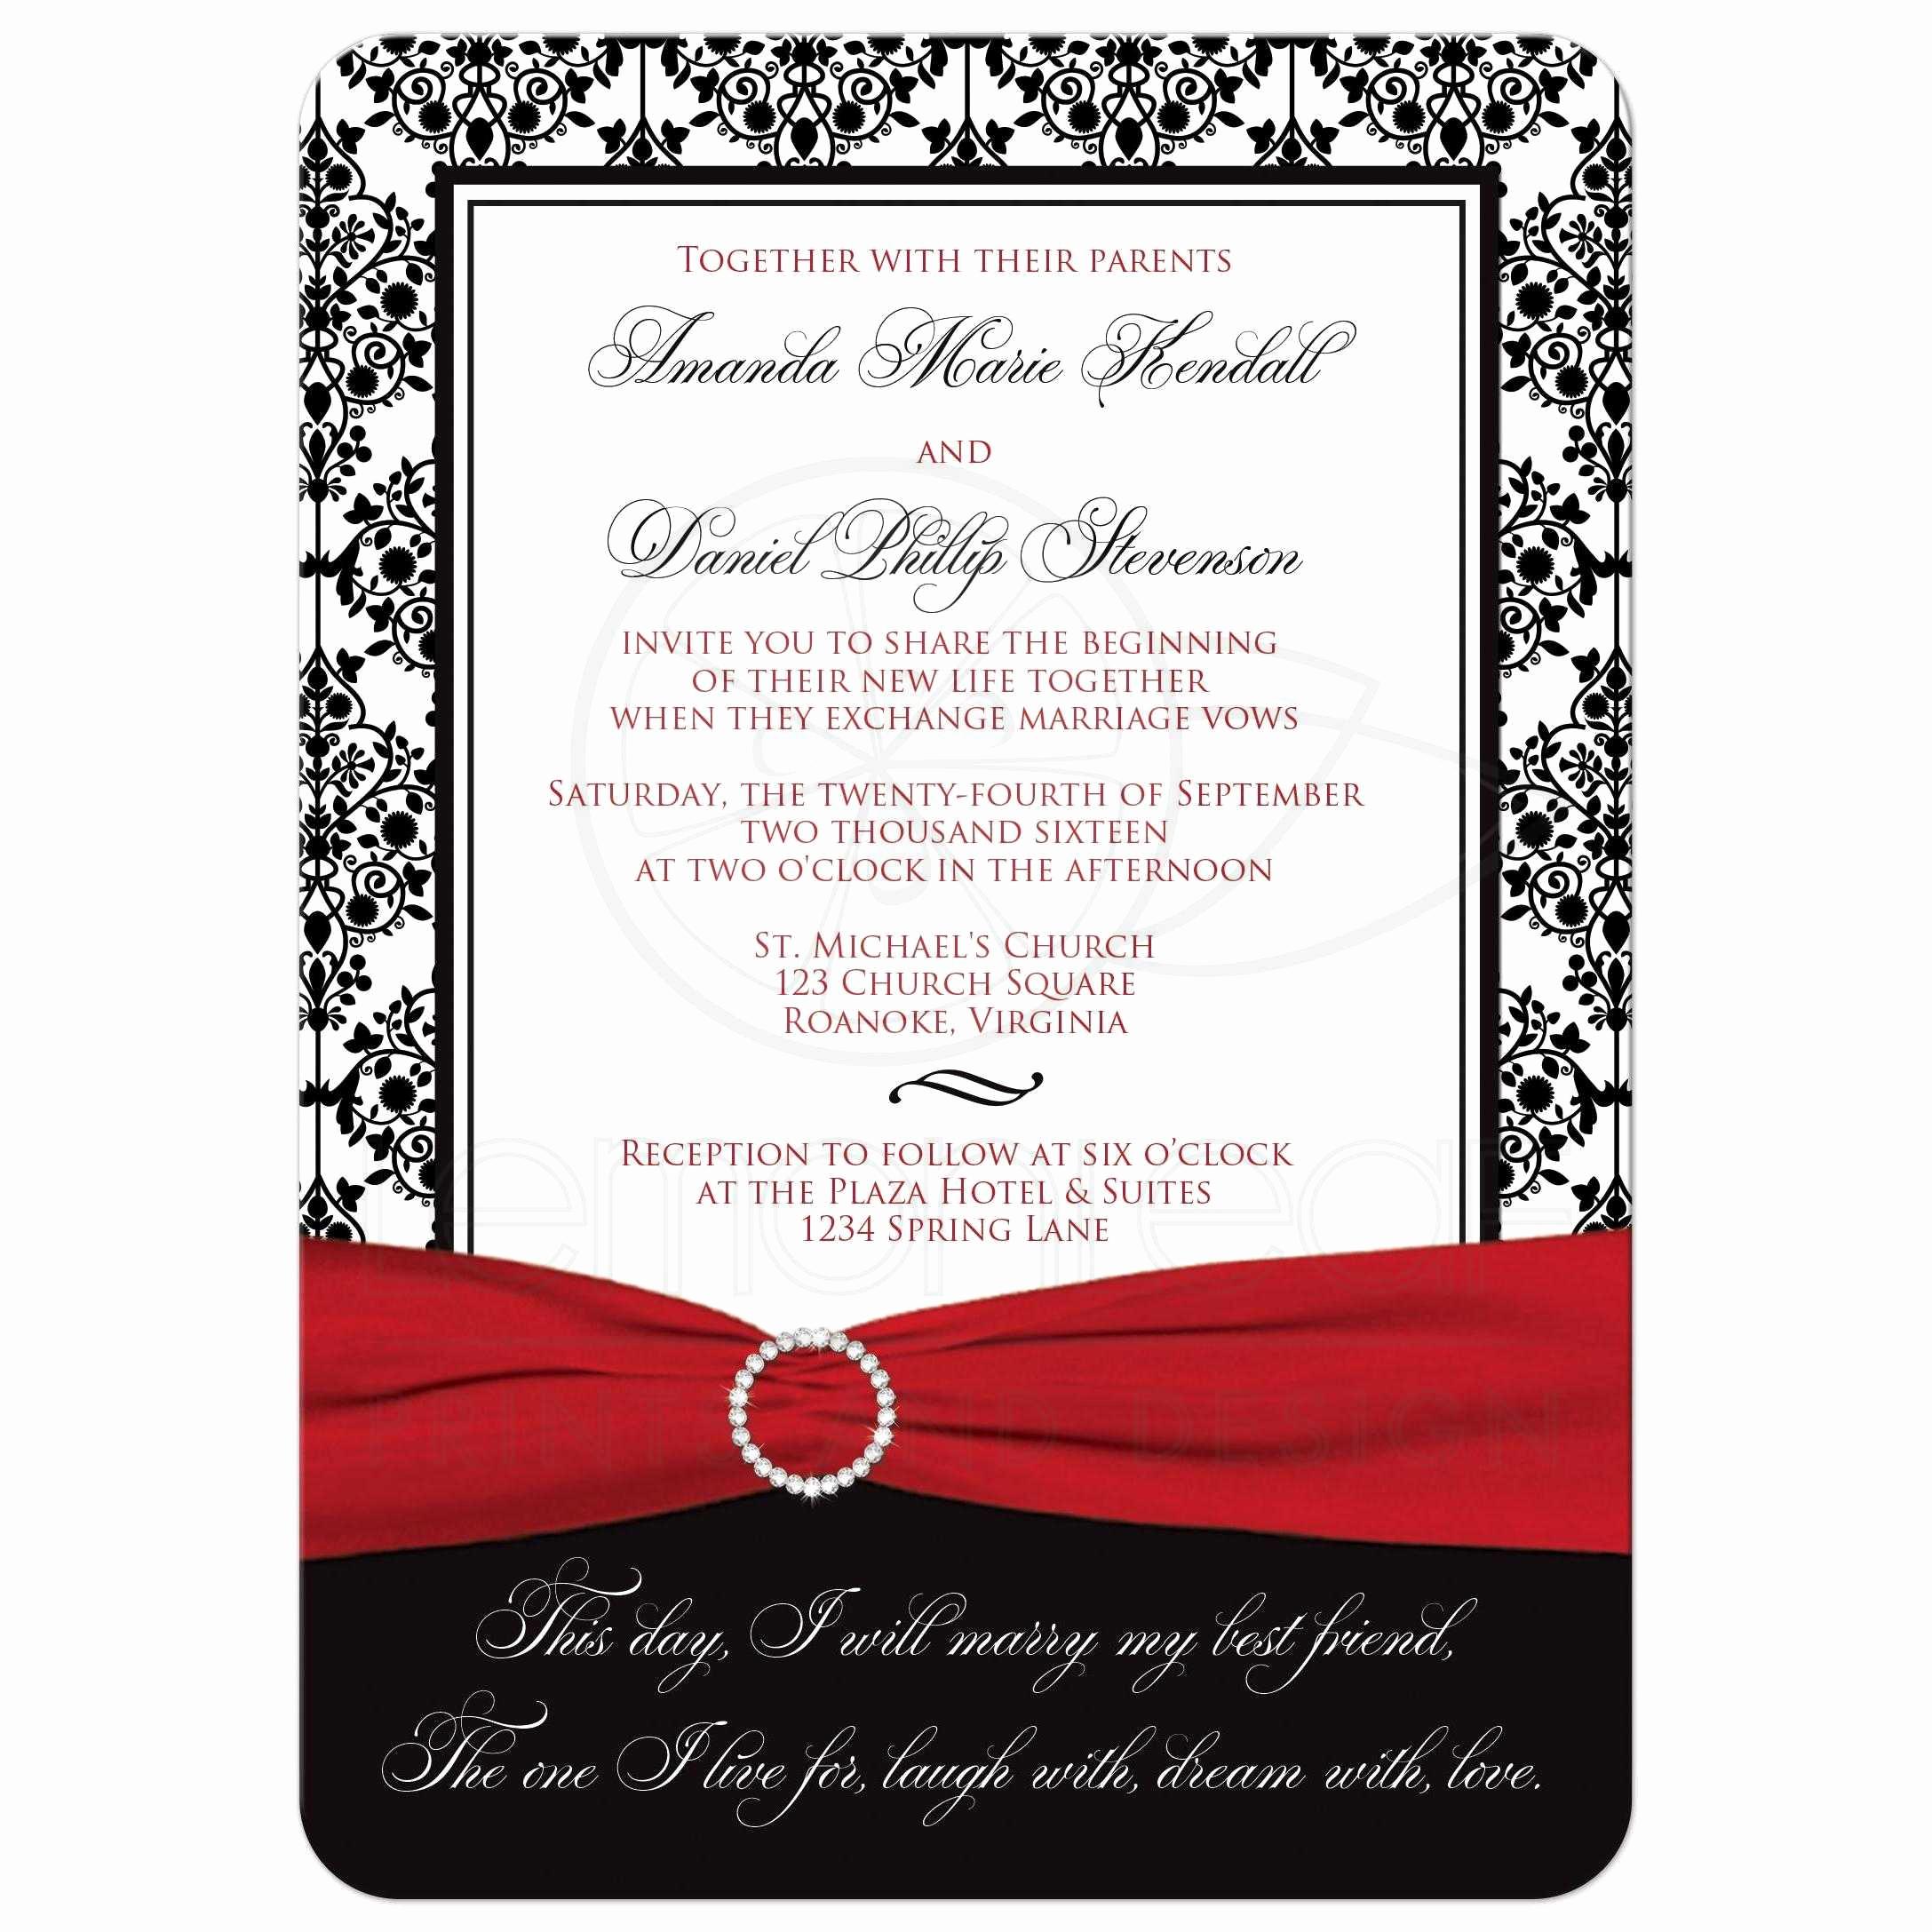 Black and White Invitation Luxury Wedding Invitation Black White Damask